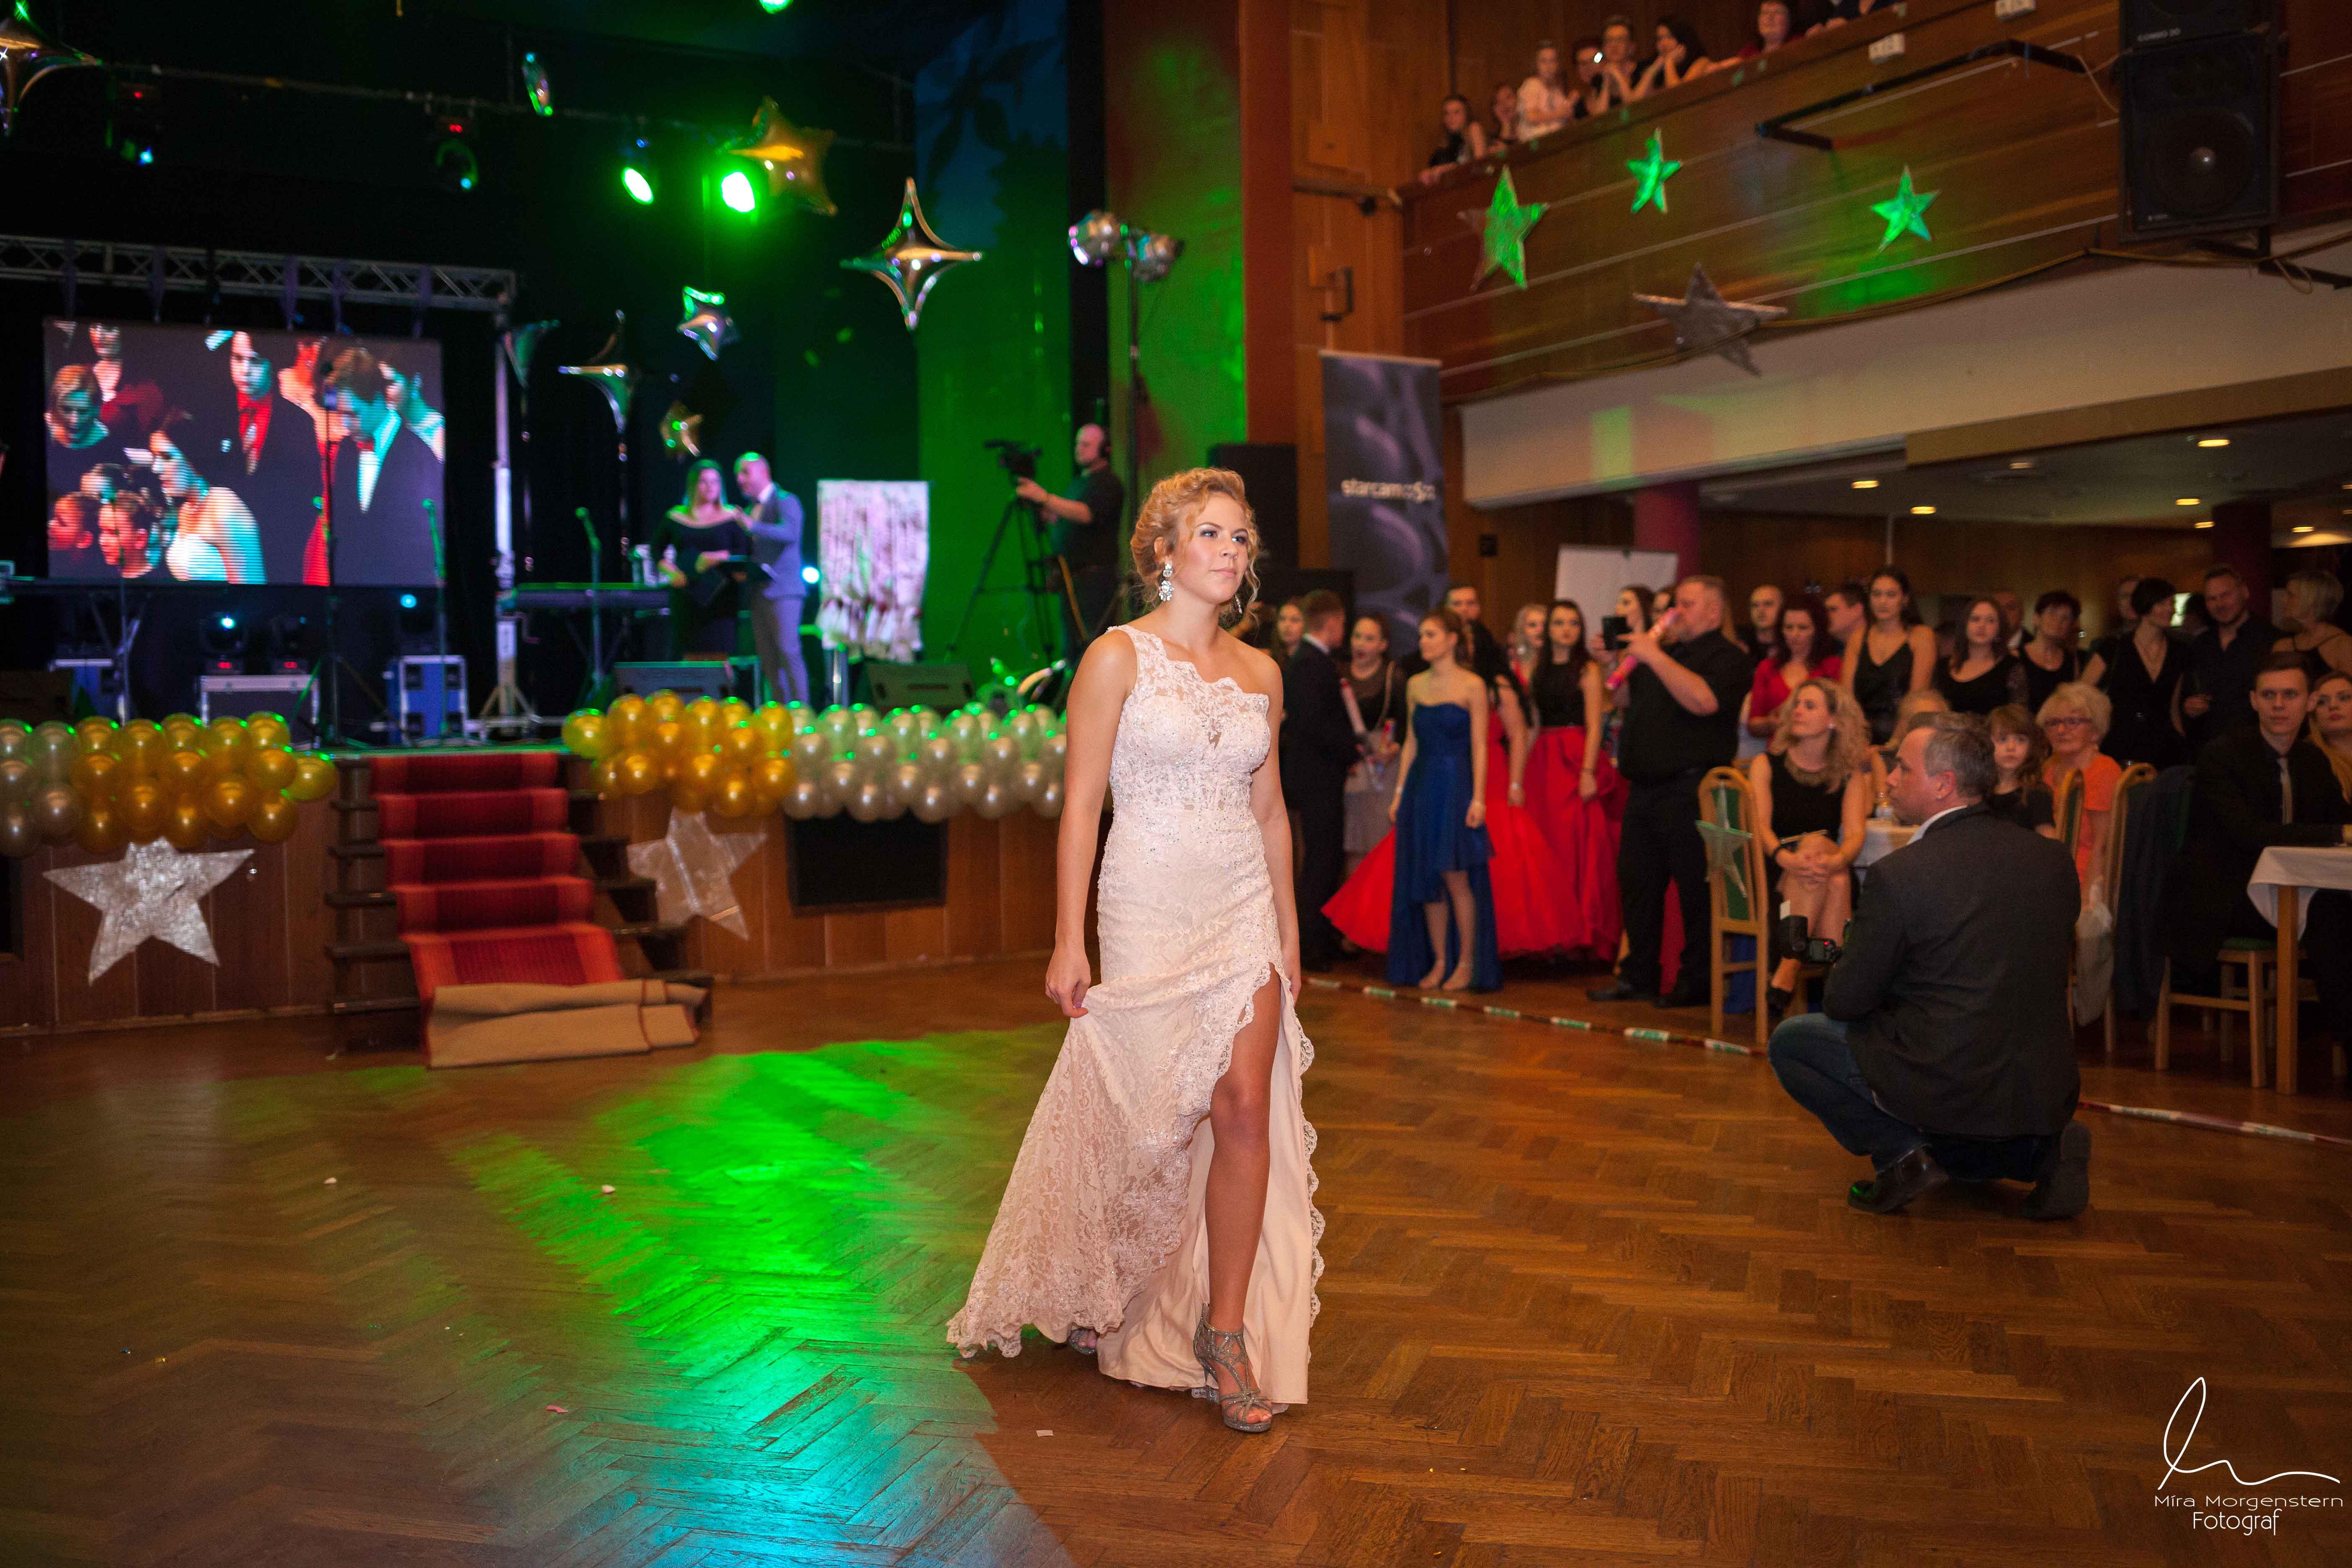 Fotograf - Fotograf maturitních plesů Most Praha- fotograf akcí party